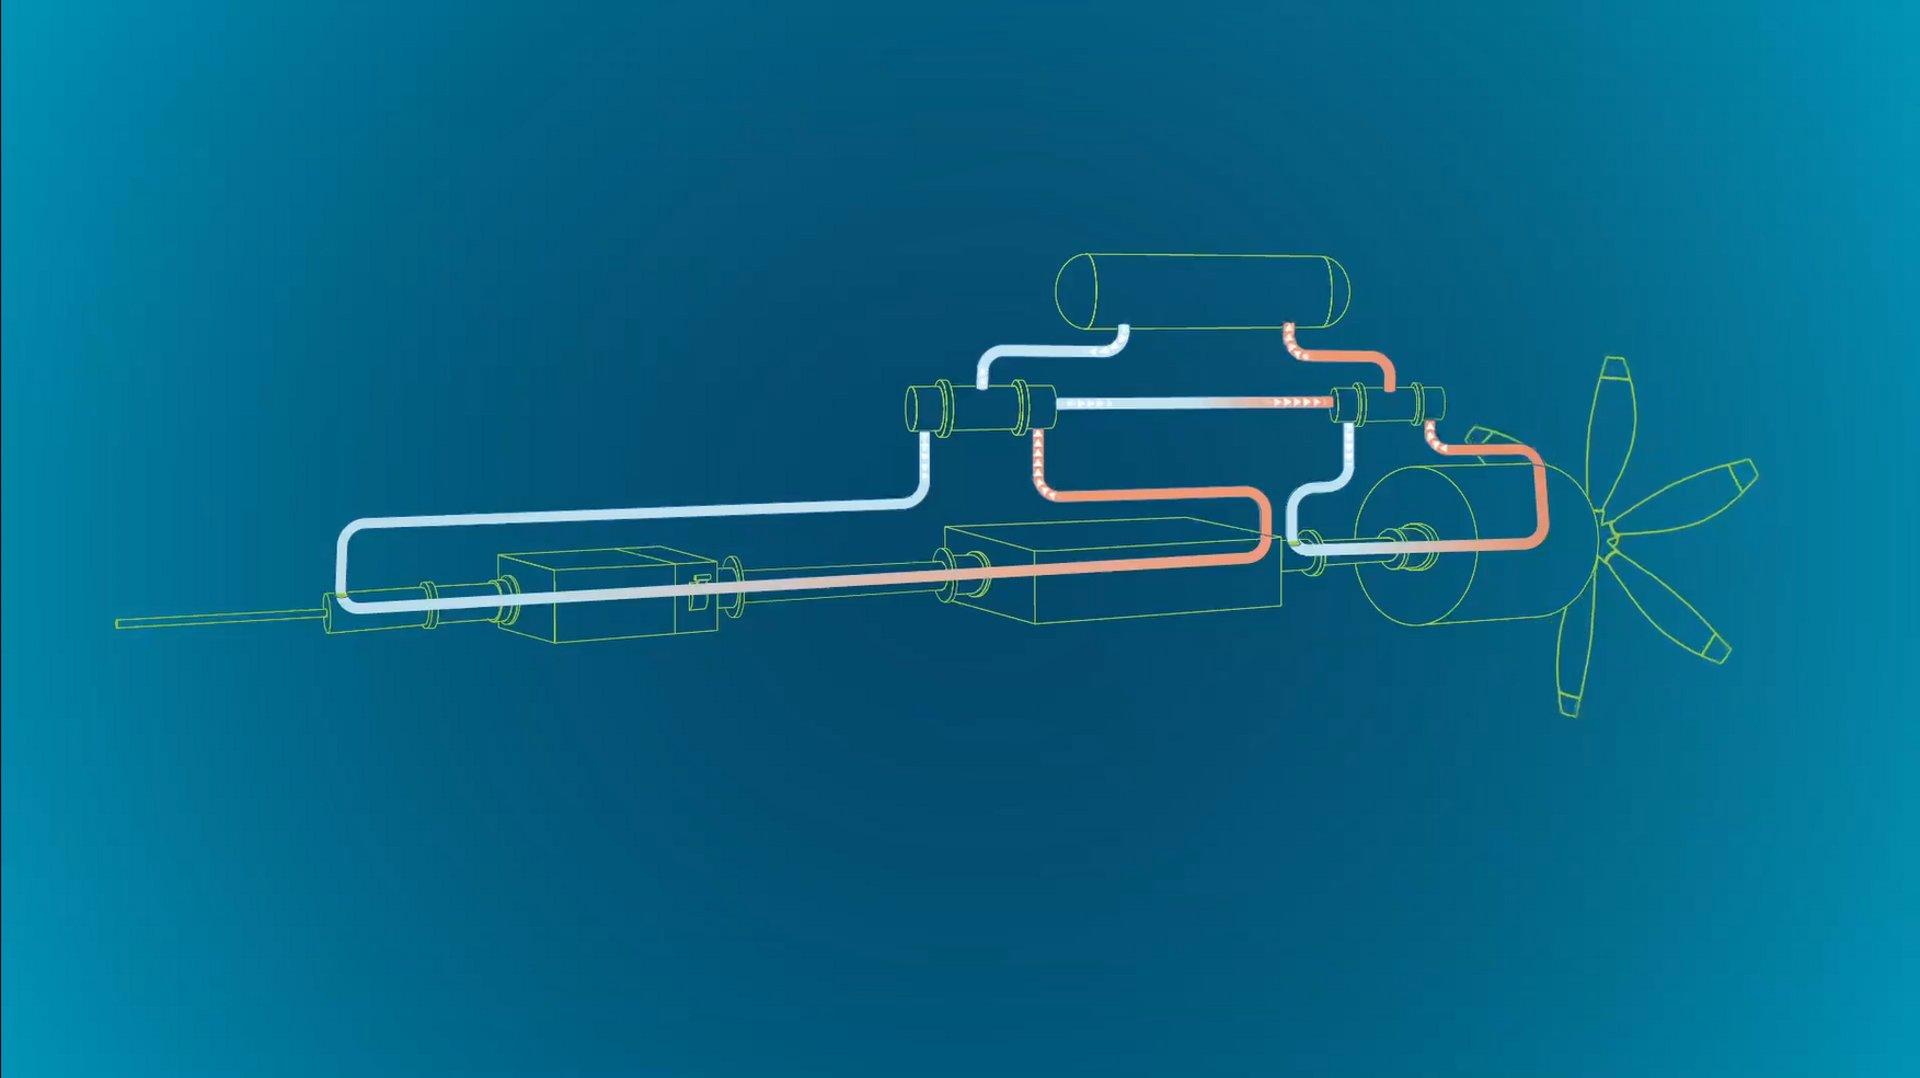 这个由空中客车公司UpNext领导的地面演示项目旨在探索低温和超导技术如何提高低排放飞机的电乐动体育app靠谱吗力和混合电力推进性能。